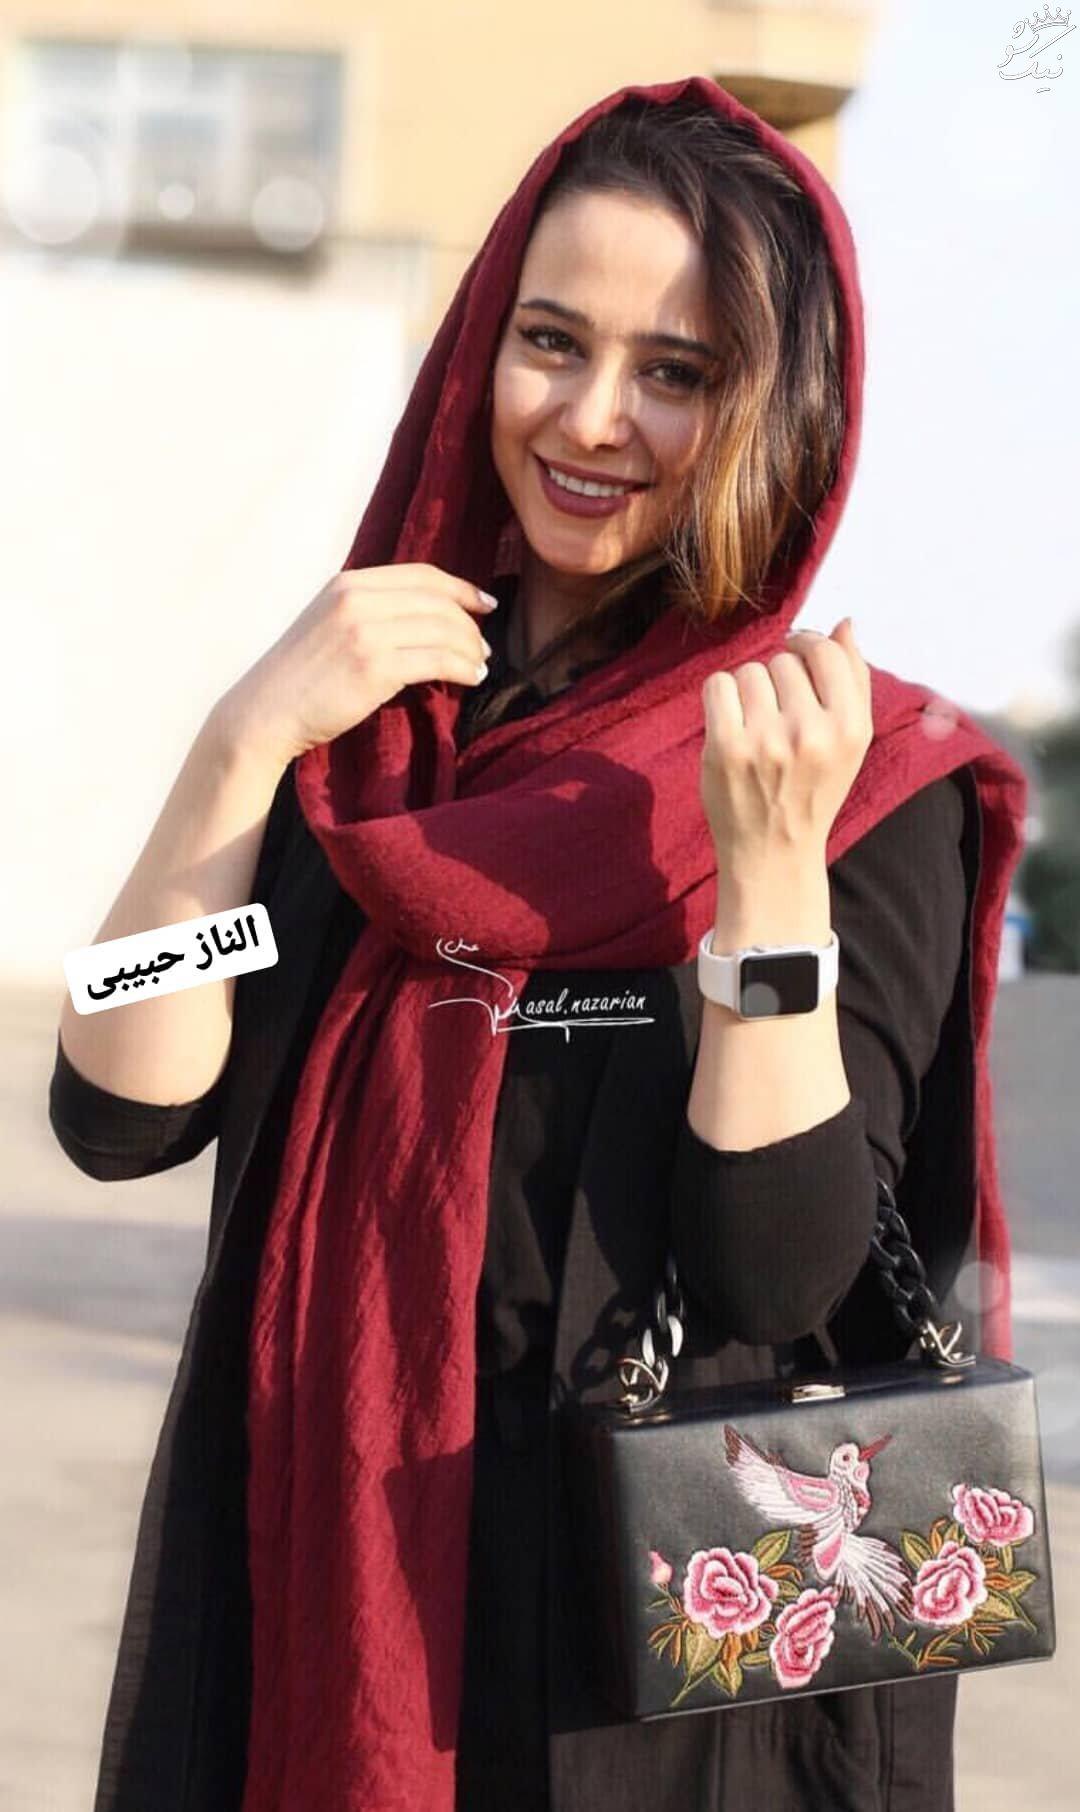 استایل های جدید الناز حبیبی در اینستاگرام